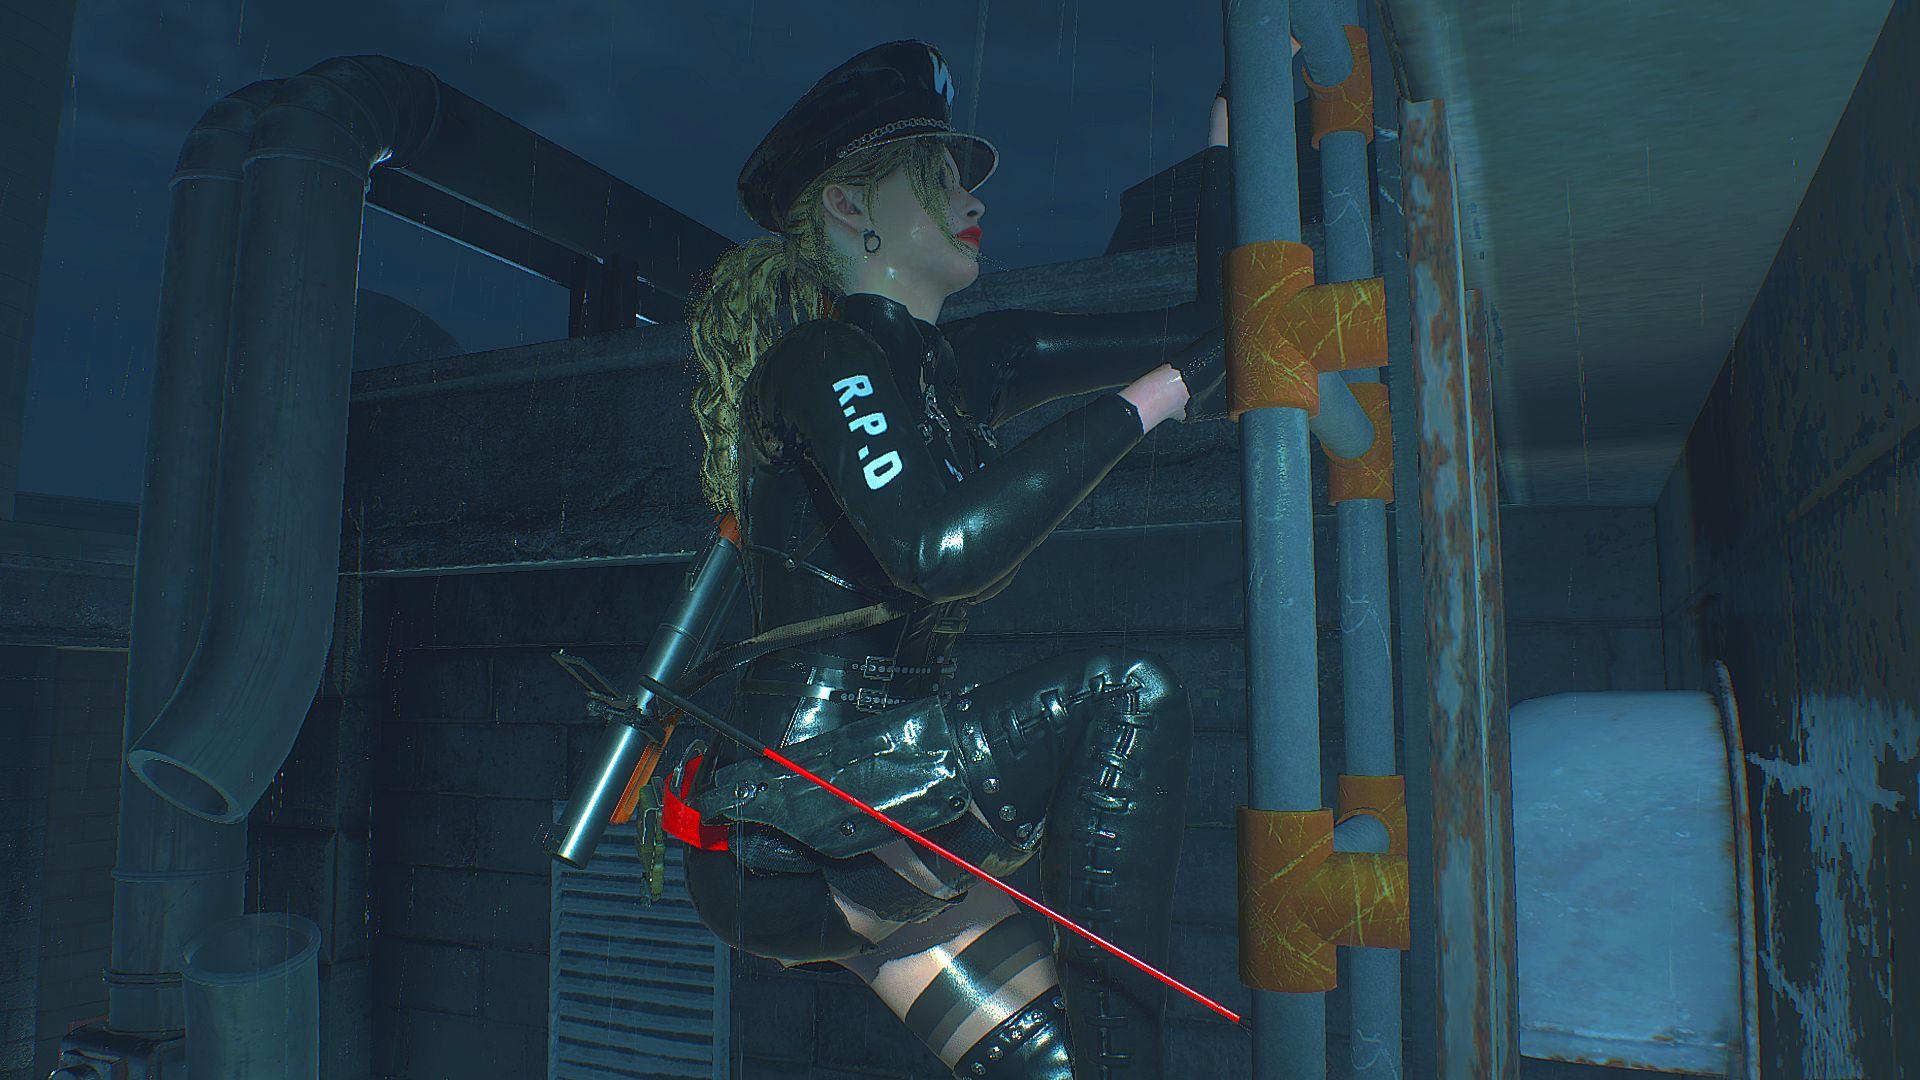 000137.Jpg - Resident Evil 2